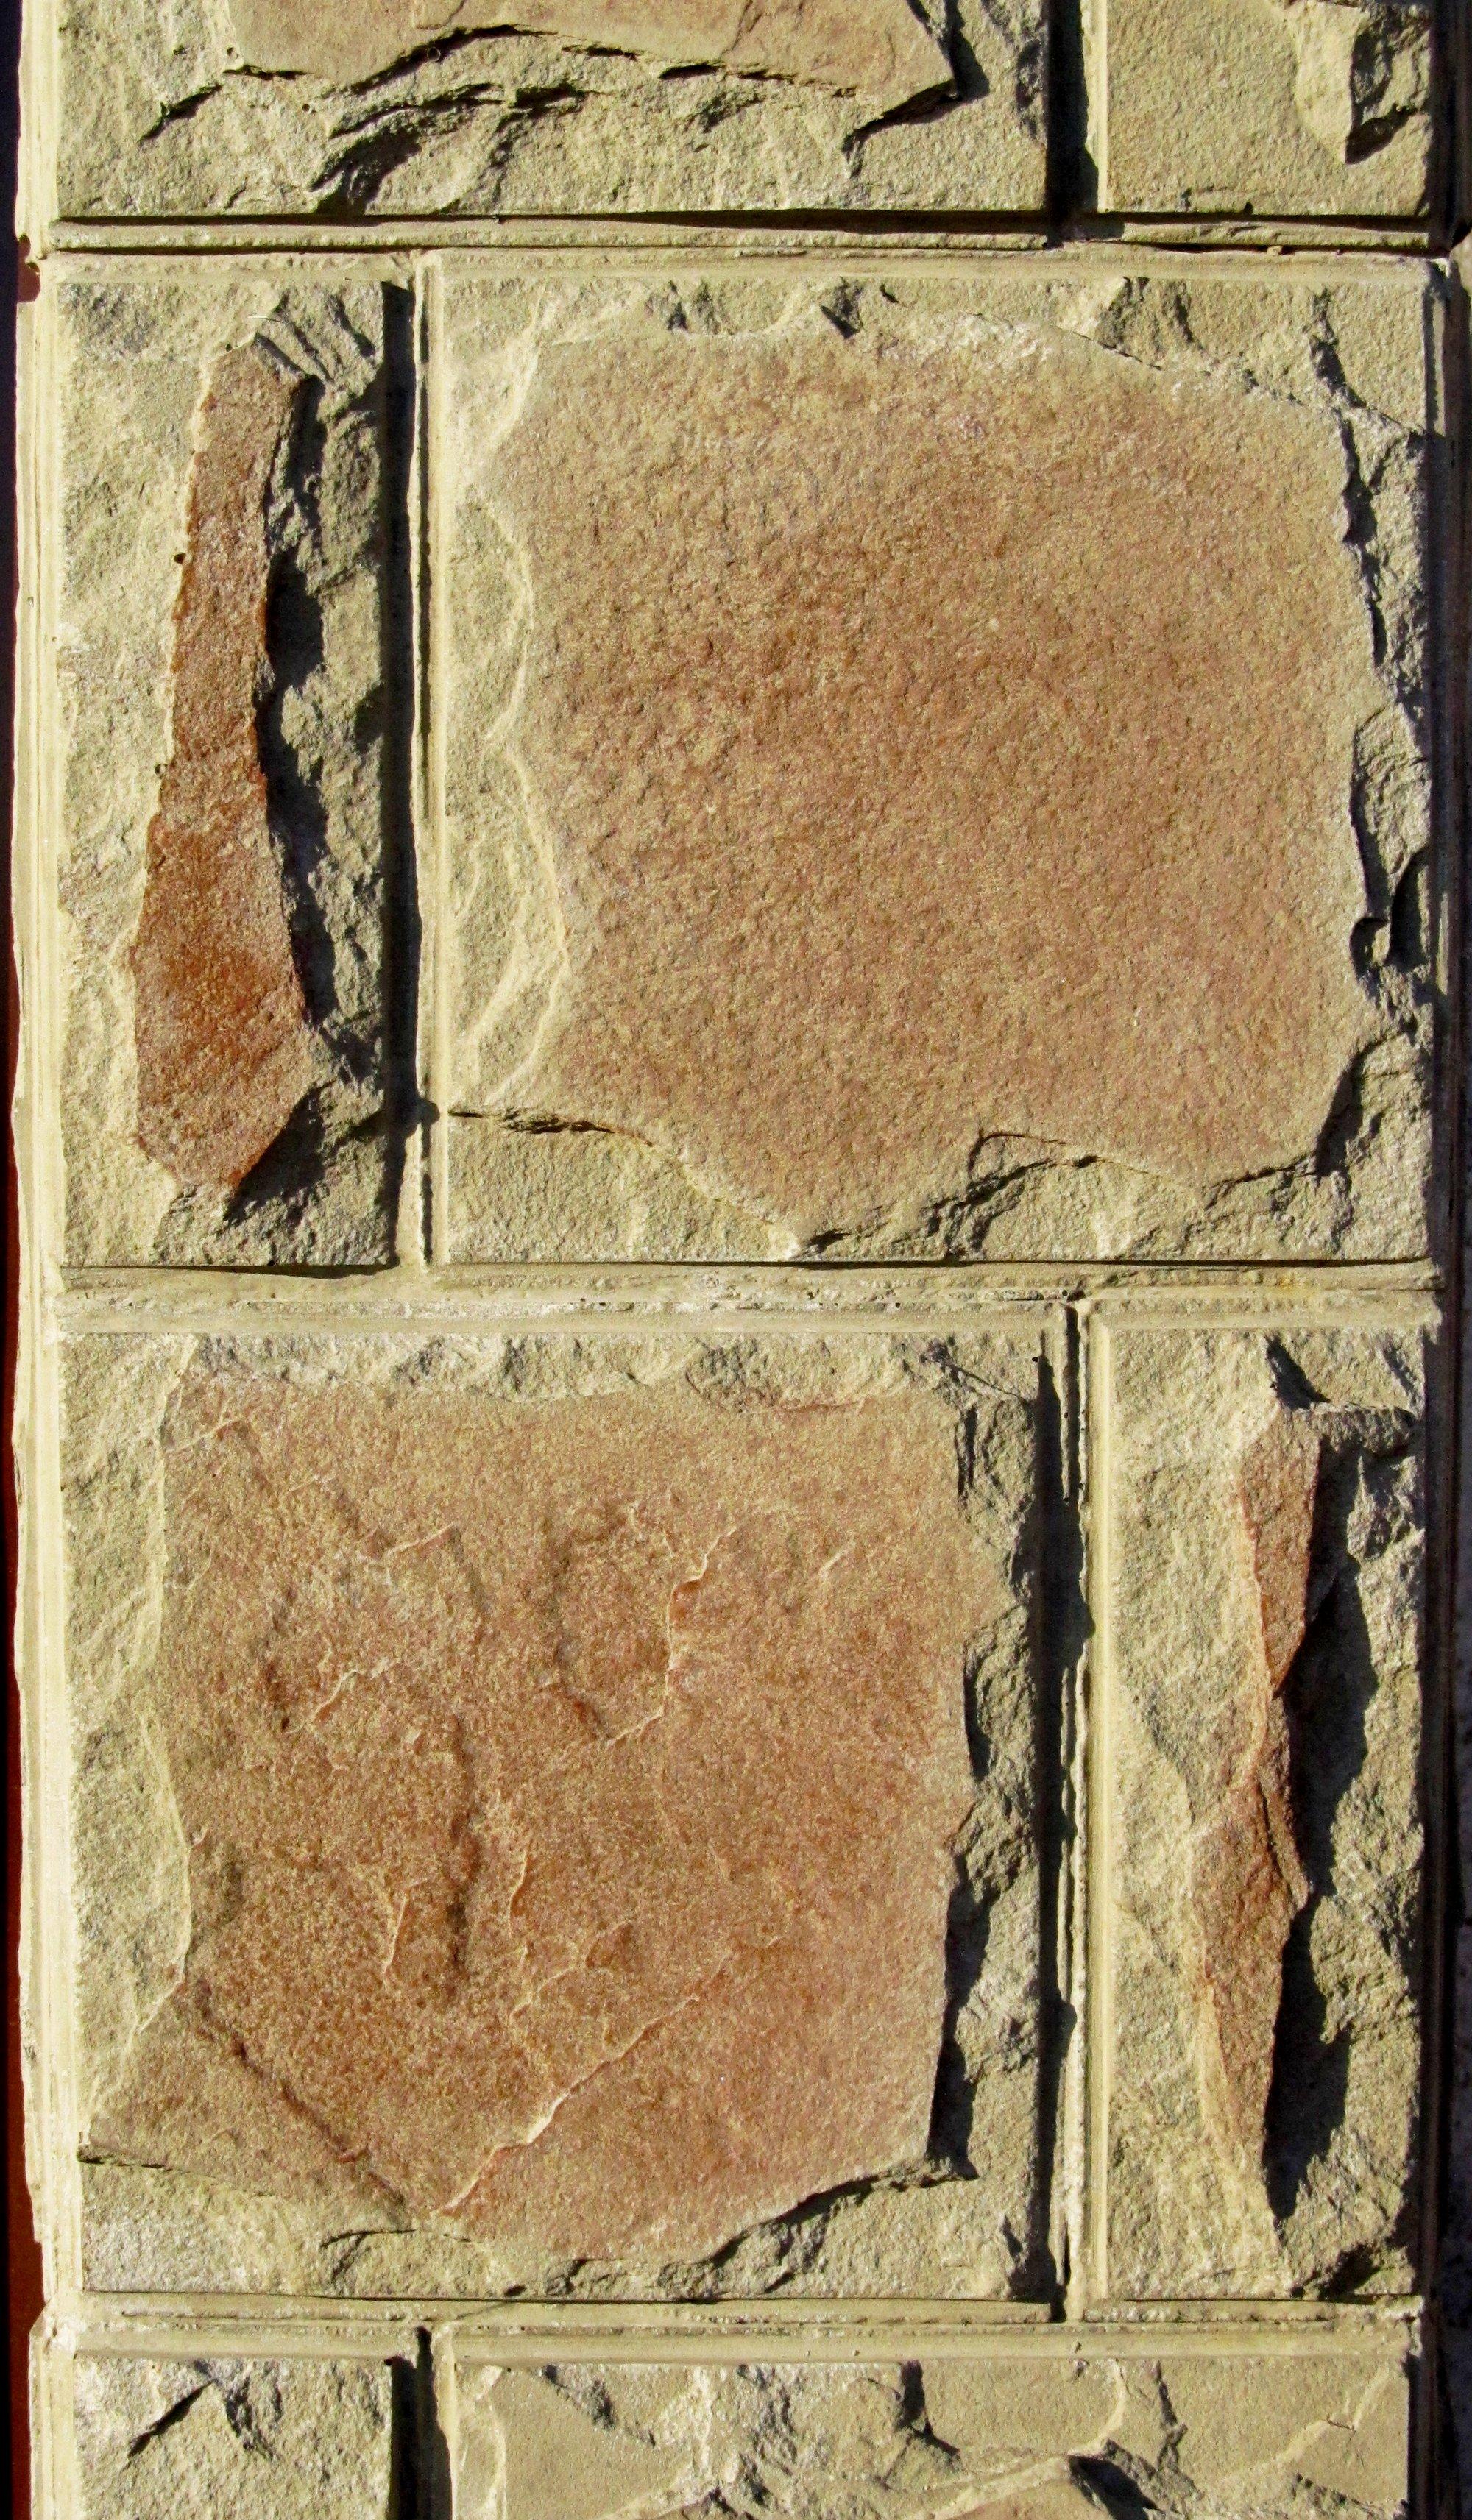 Нажмите на изображение для увеличения Название: Фото столба бетонного забора колотый камень.jpg Просмотров: 9 Размер:1.82 Мб ID:333690